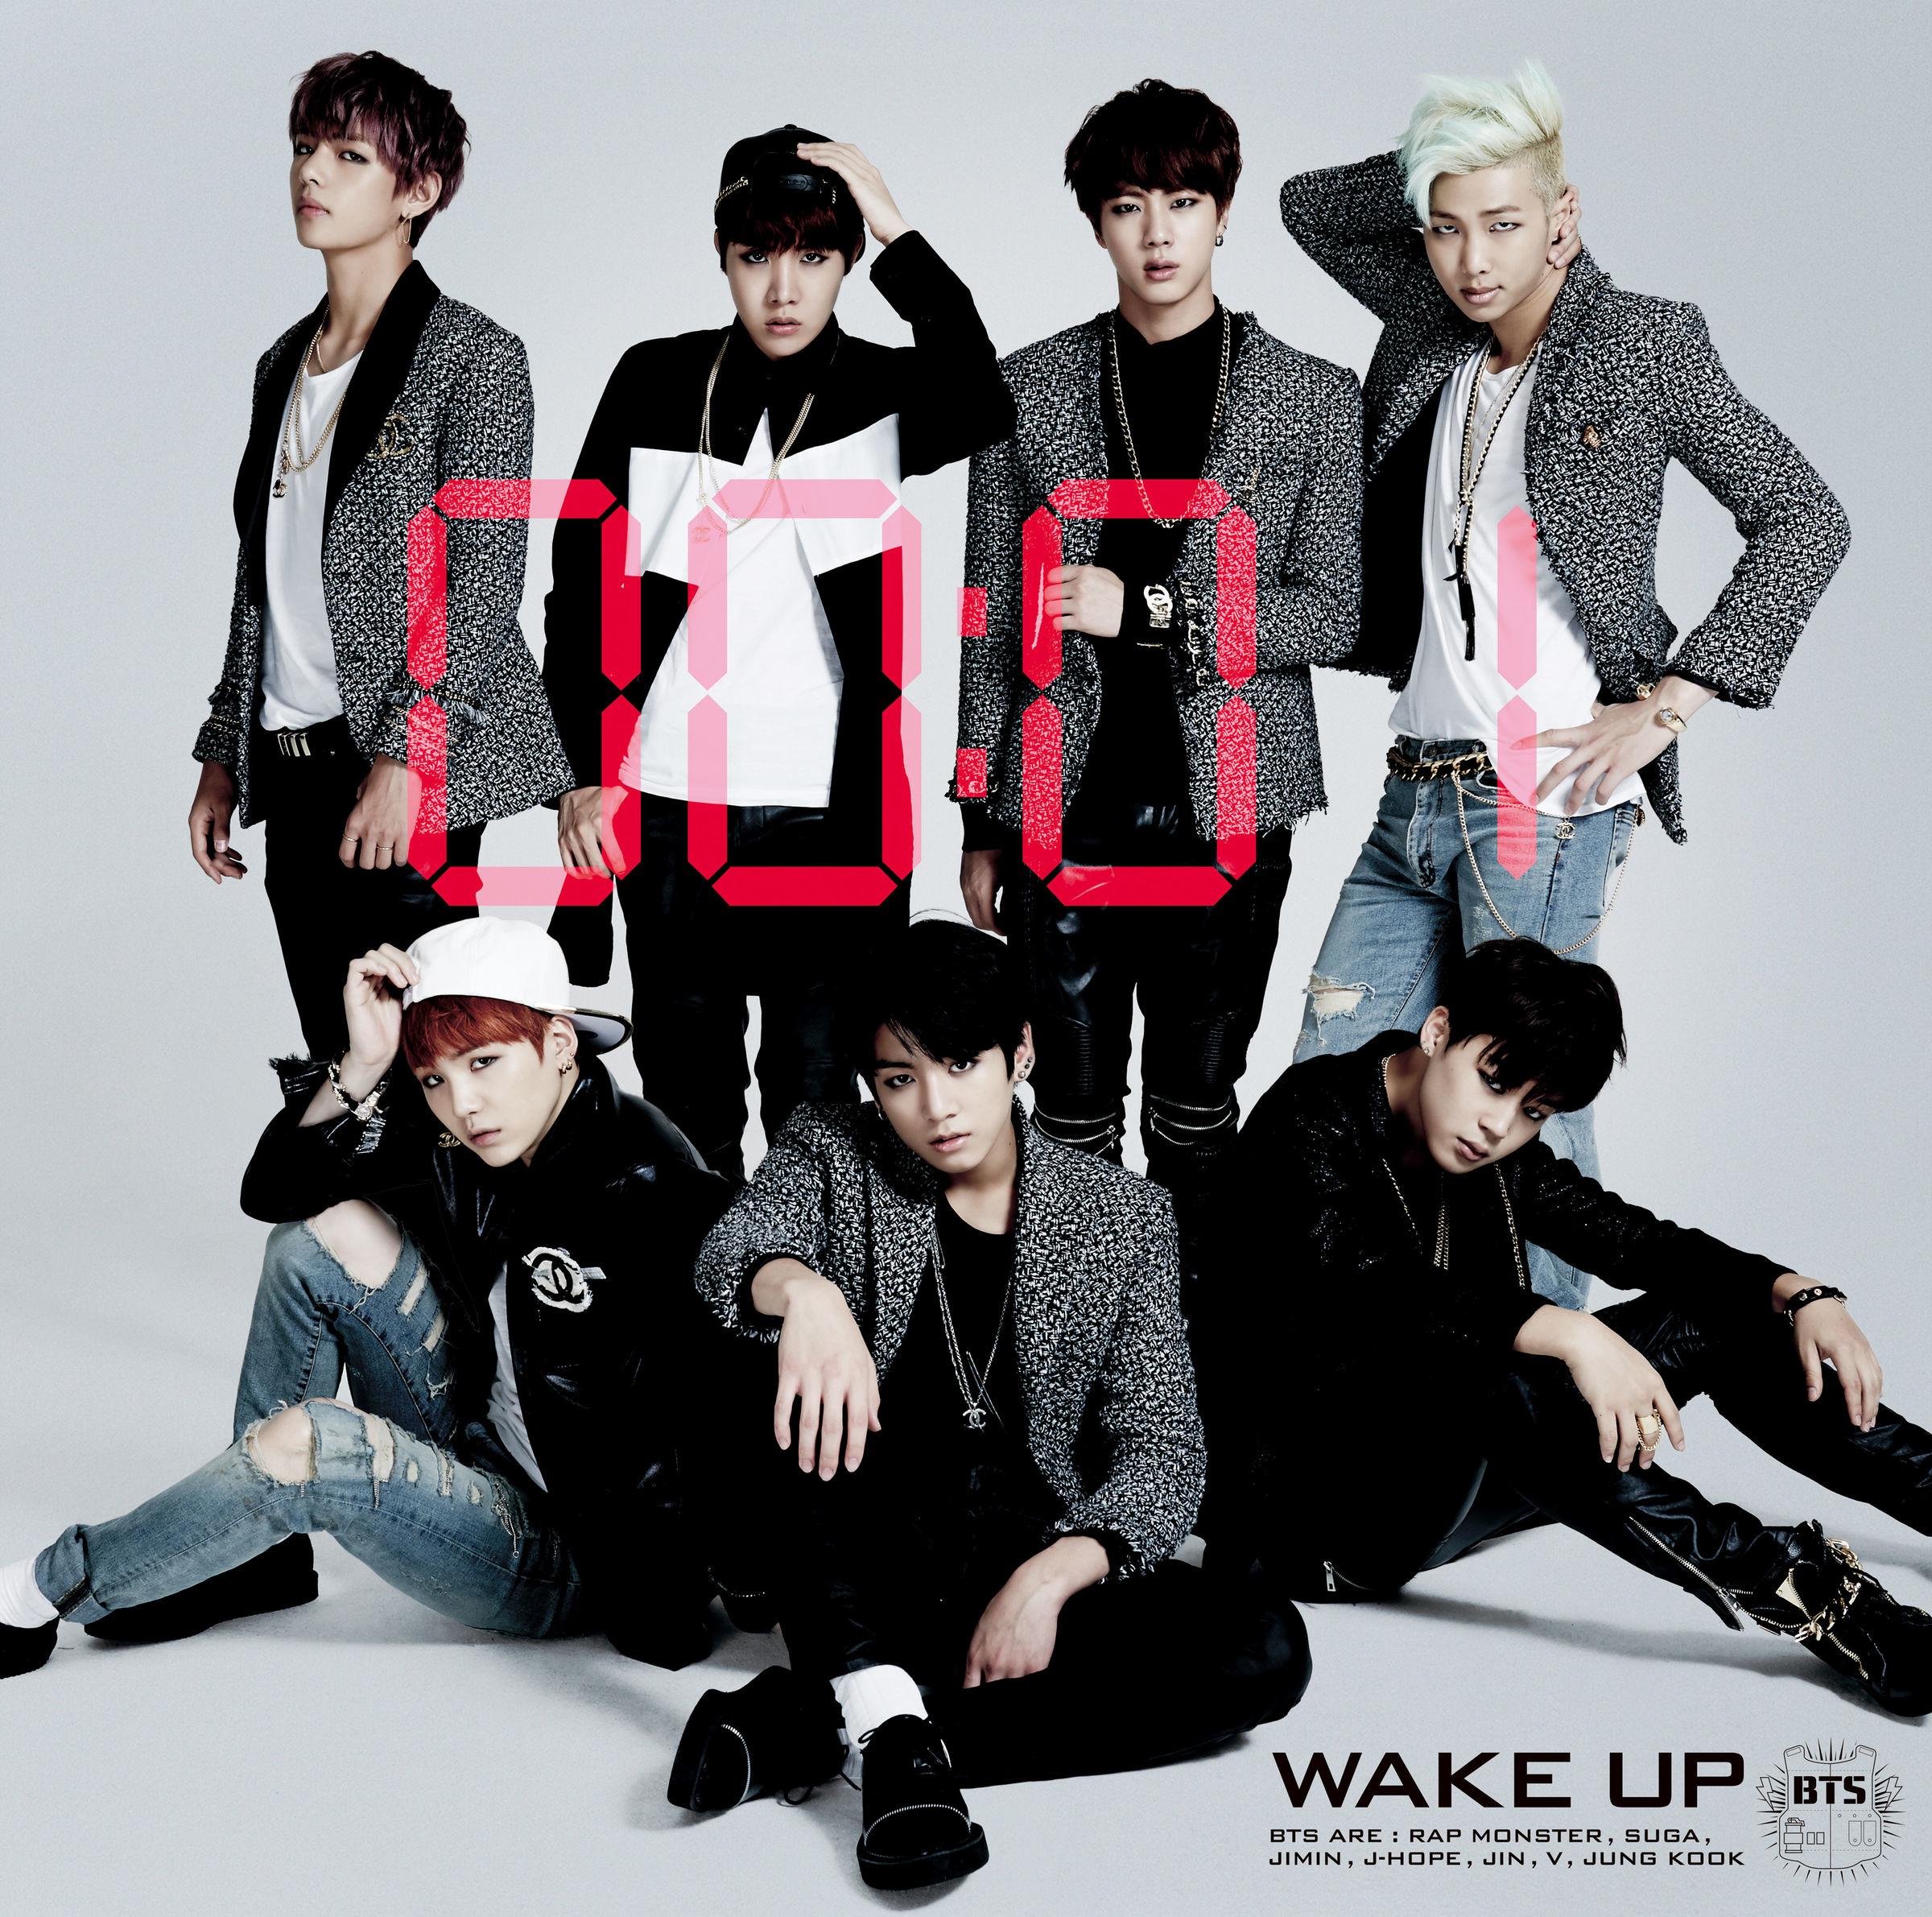 Wake Up (BTS)